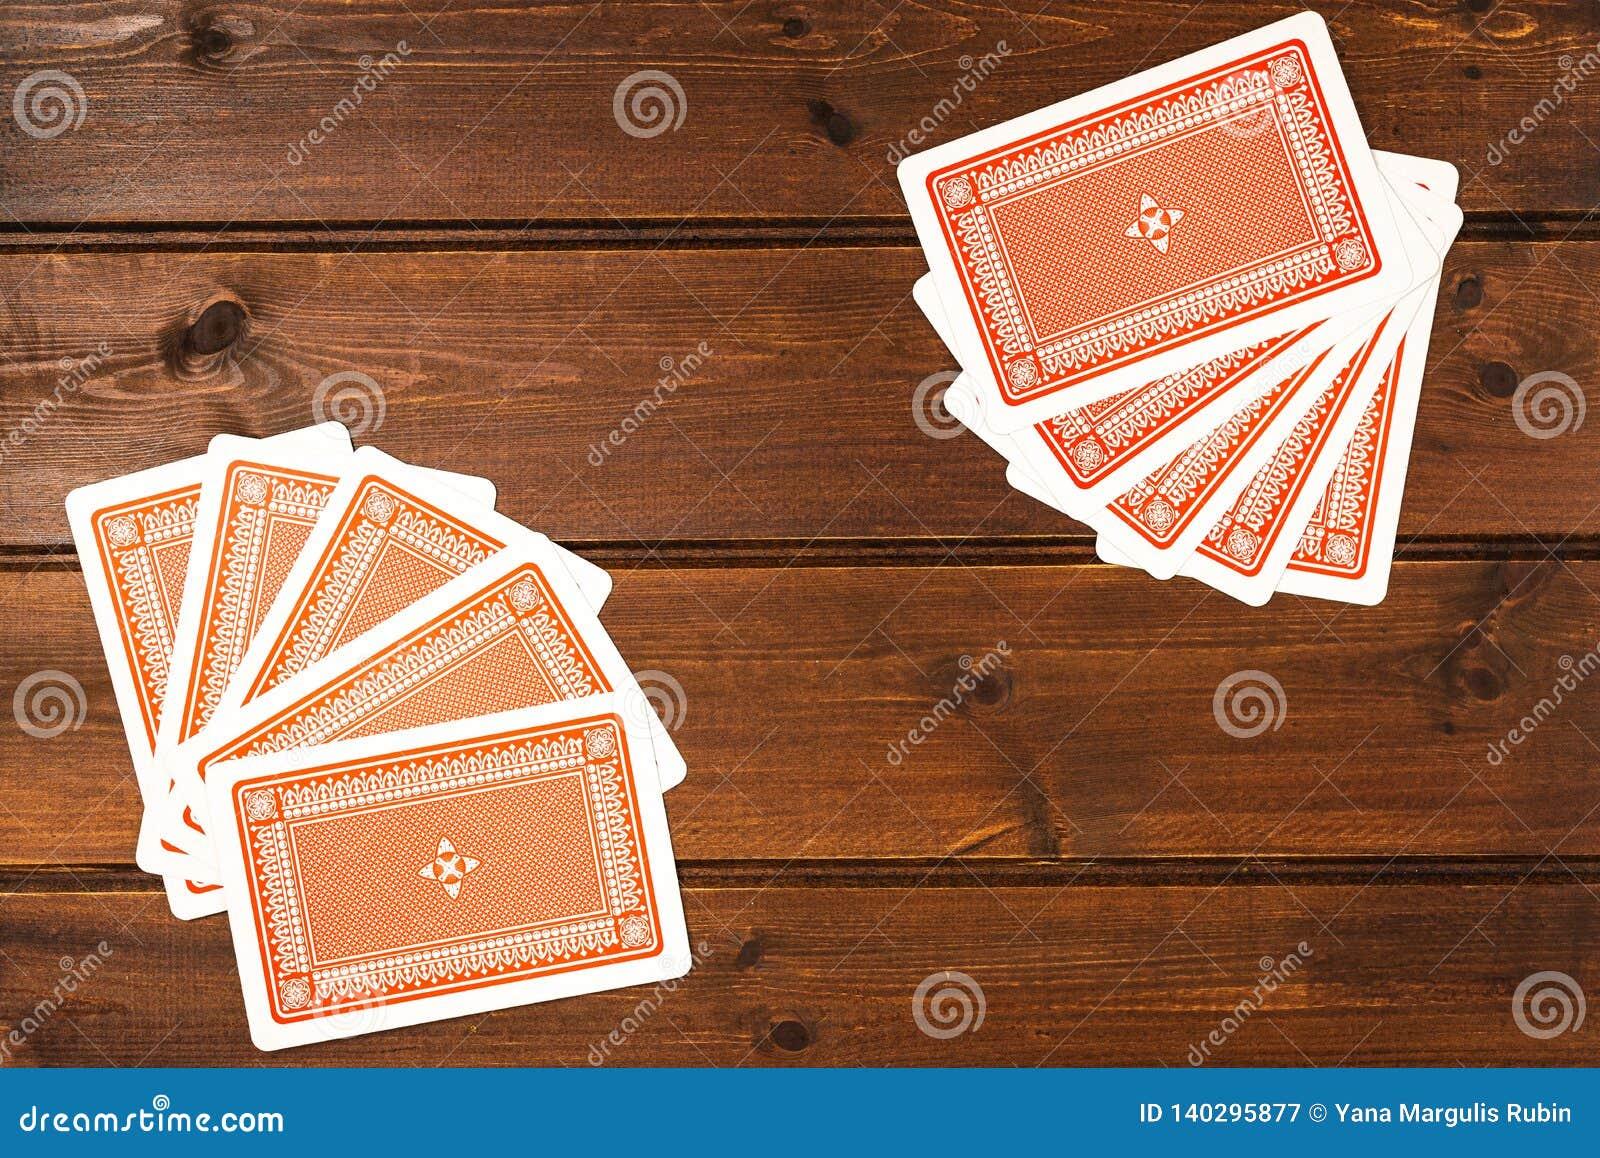 Obenliegende Draufsicht von Spielkarten